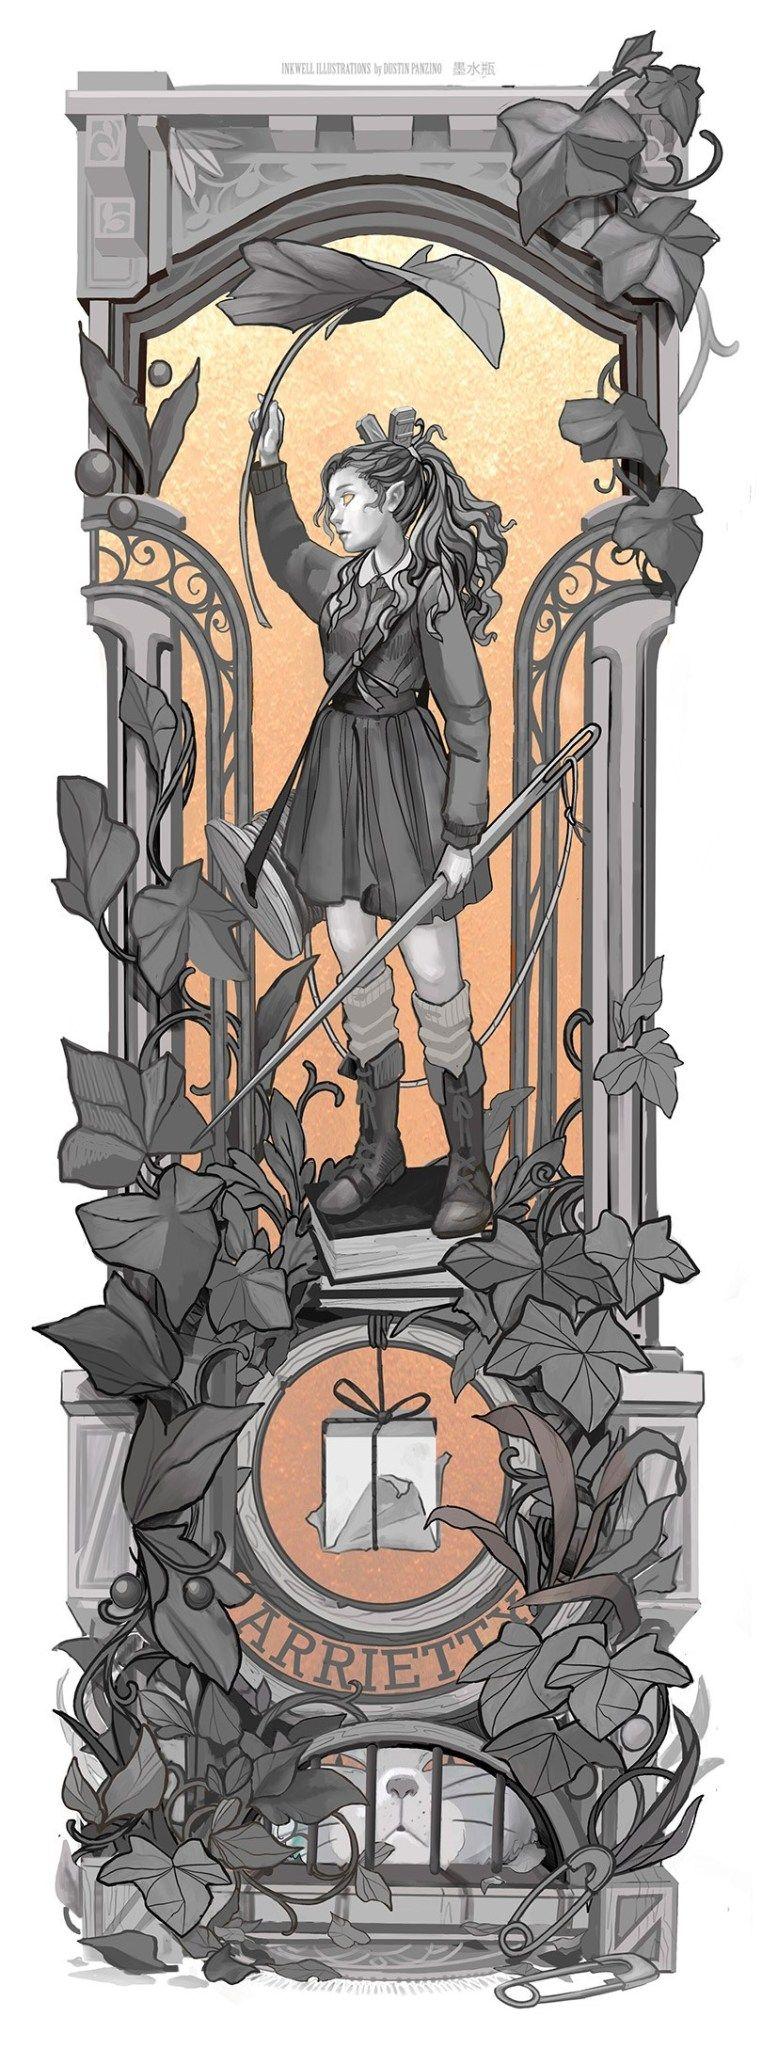 Personagens do Studio Ghibli em Art Nouveau 3